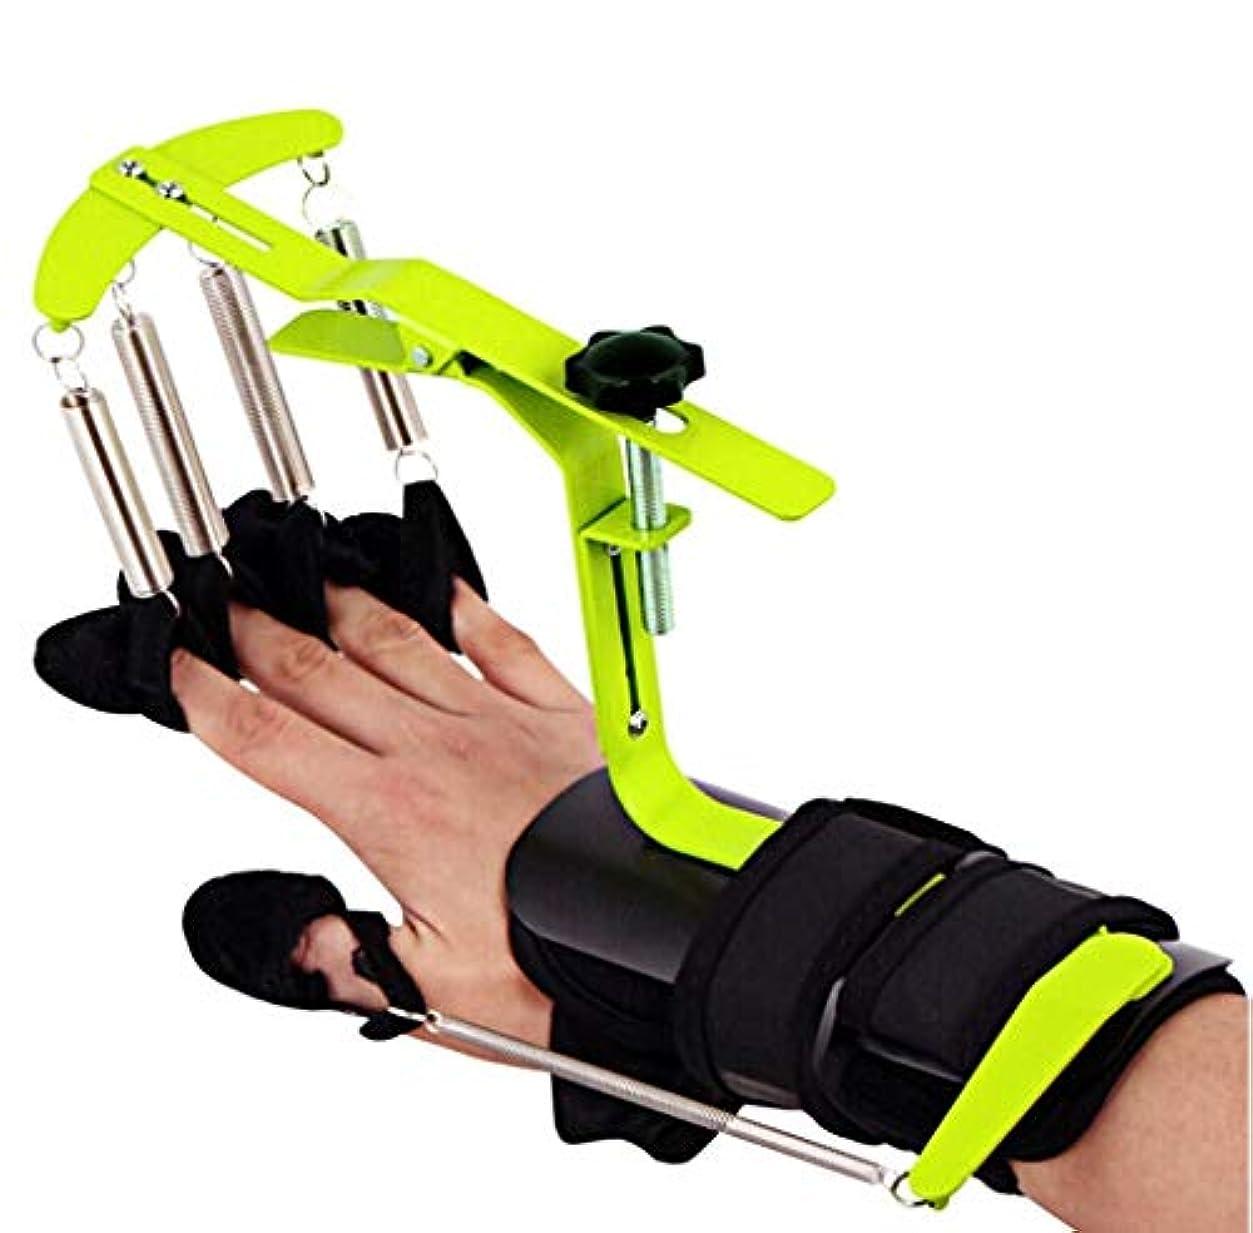 かんがい喜んでインディカ指エクササイザー トレーニング機器ブレースボード 別々の親指 手首サポートハンド機能 片麻痺の脳性麻痺麻痺リハビリテーション